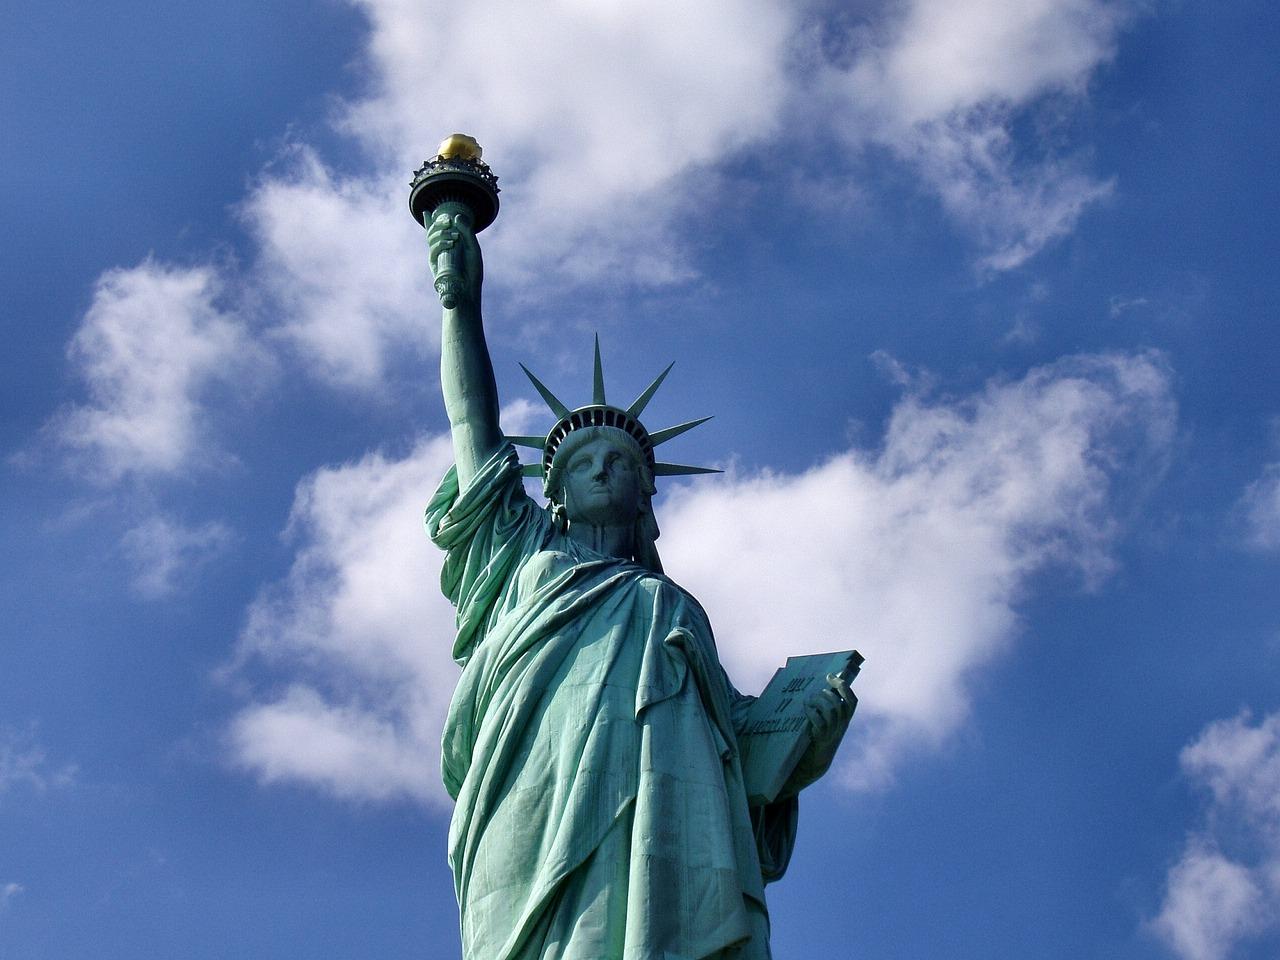 さぁ、今からアメリカ進出だ!